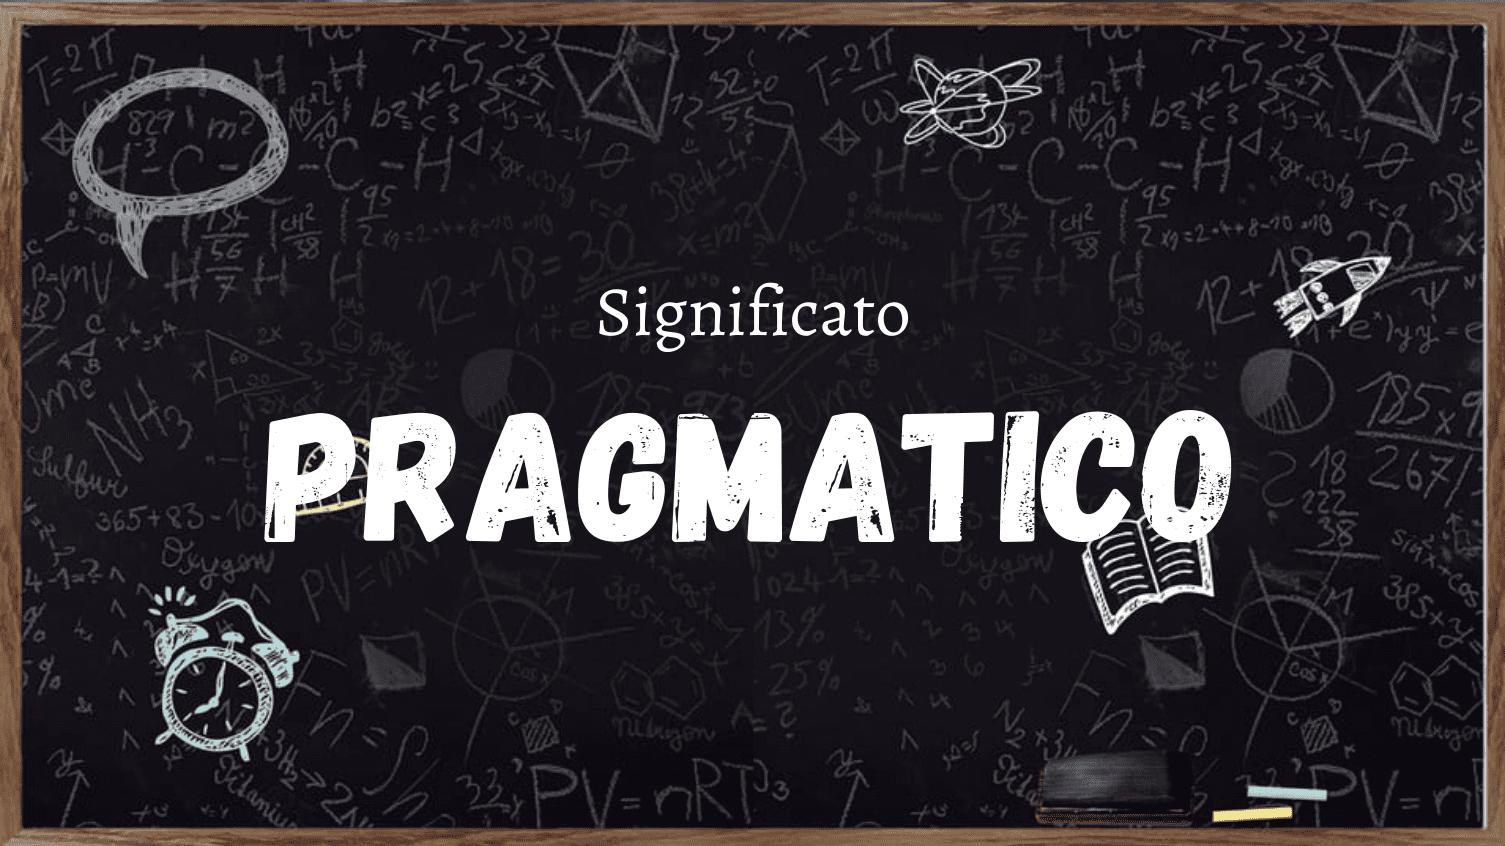 Cosa Significa Pragmatico